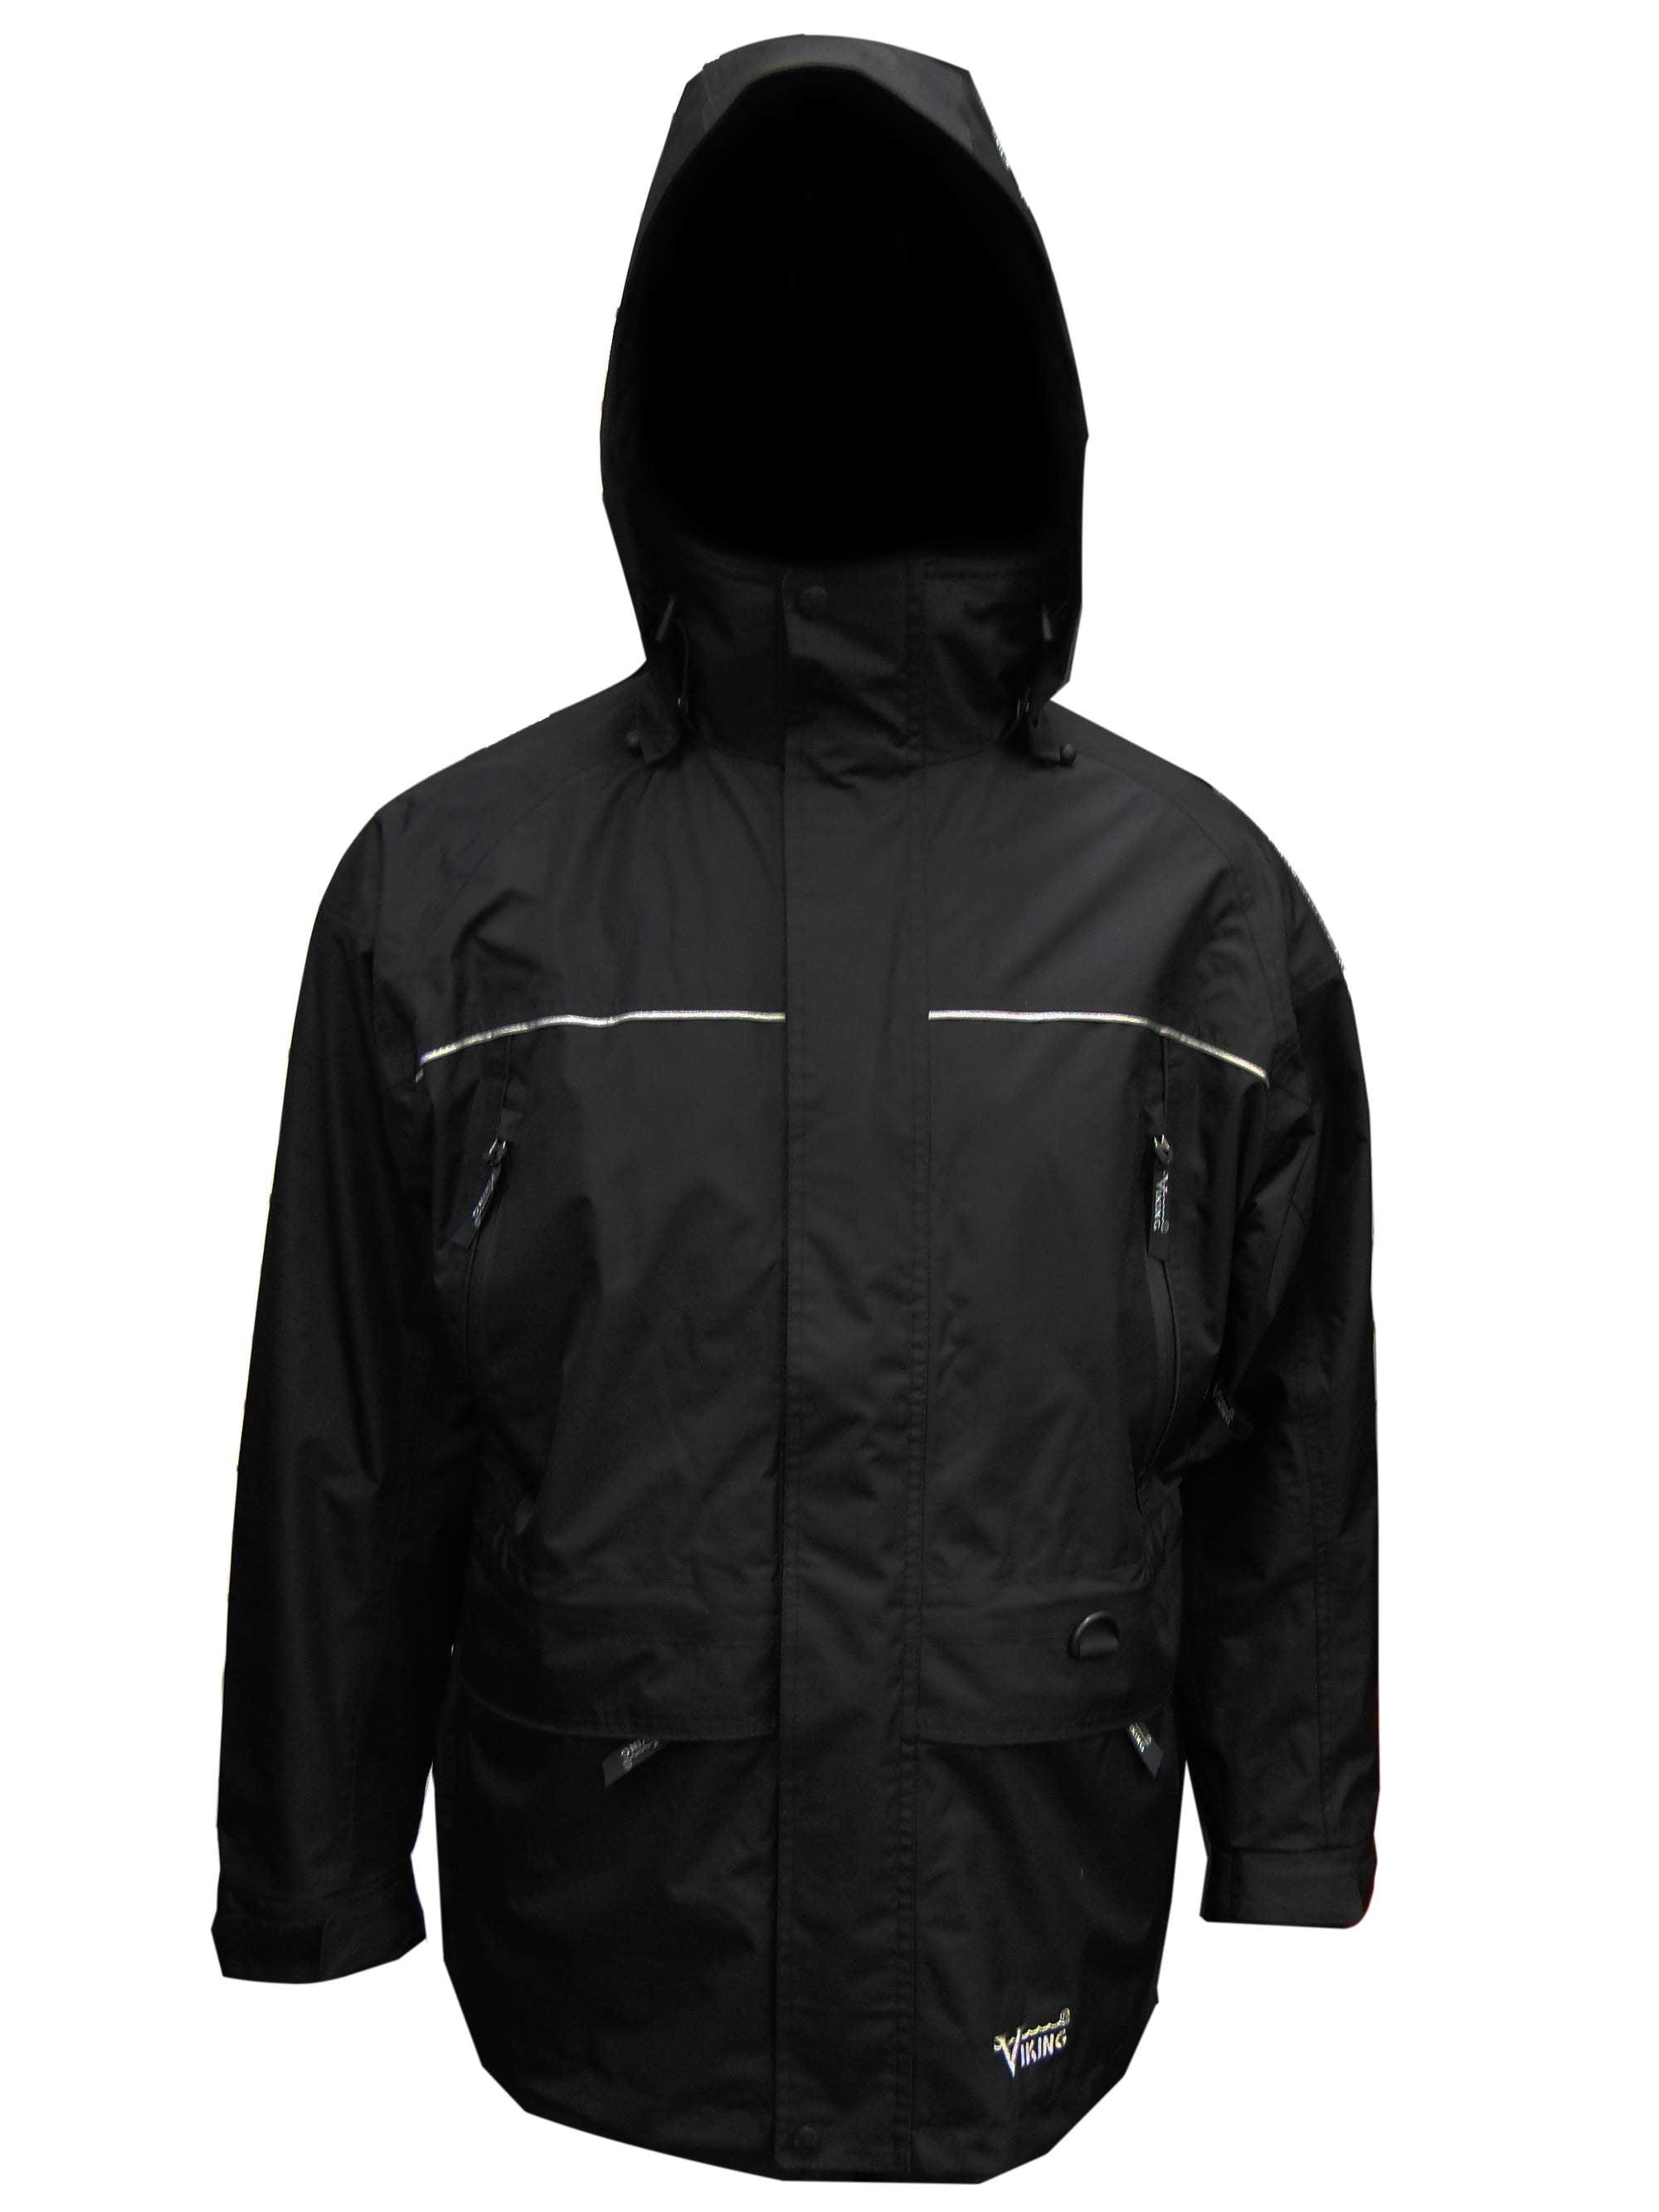 Big Men's -50 Tempest Lined Jacket